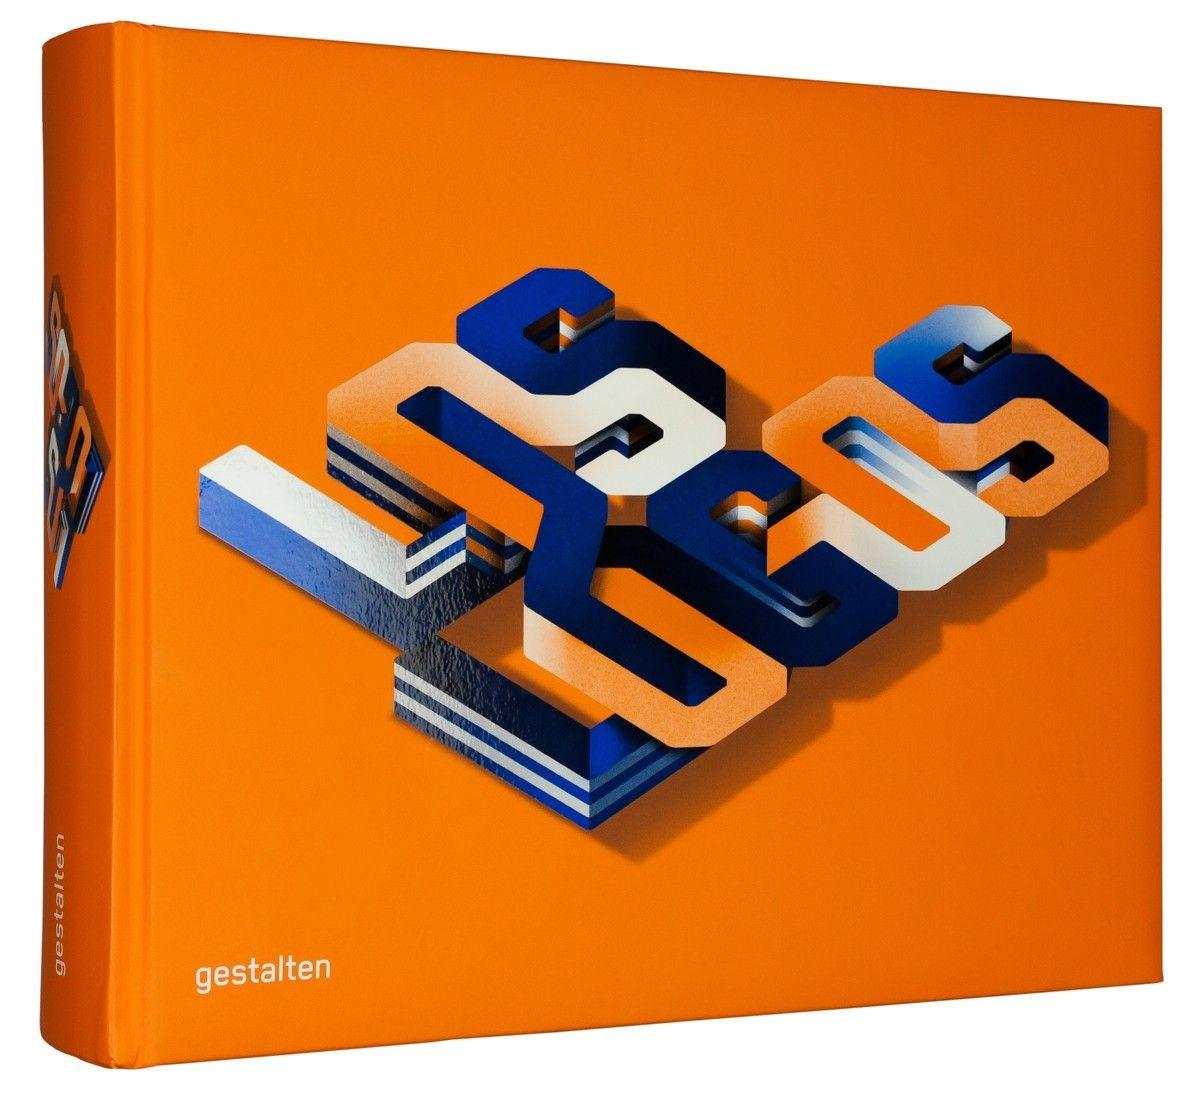 Gestalten | Los Logos 8